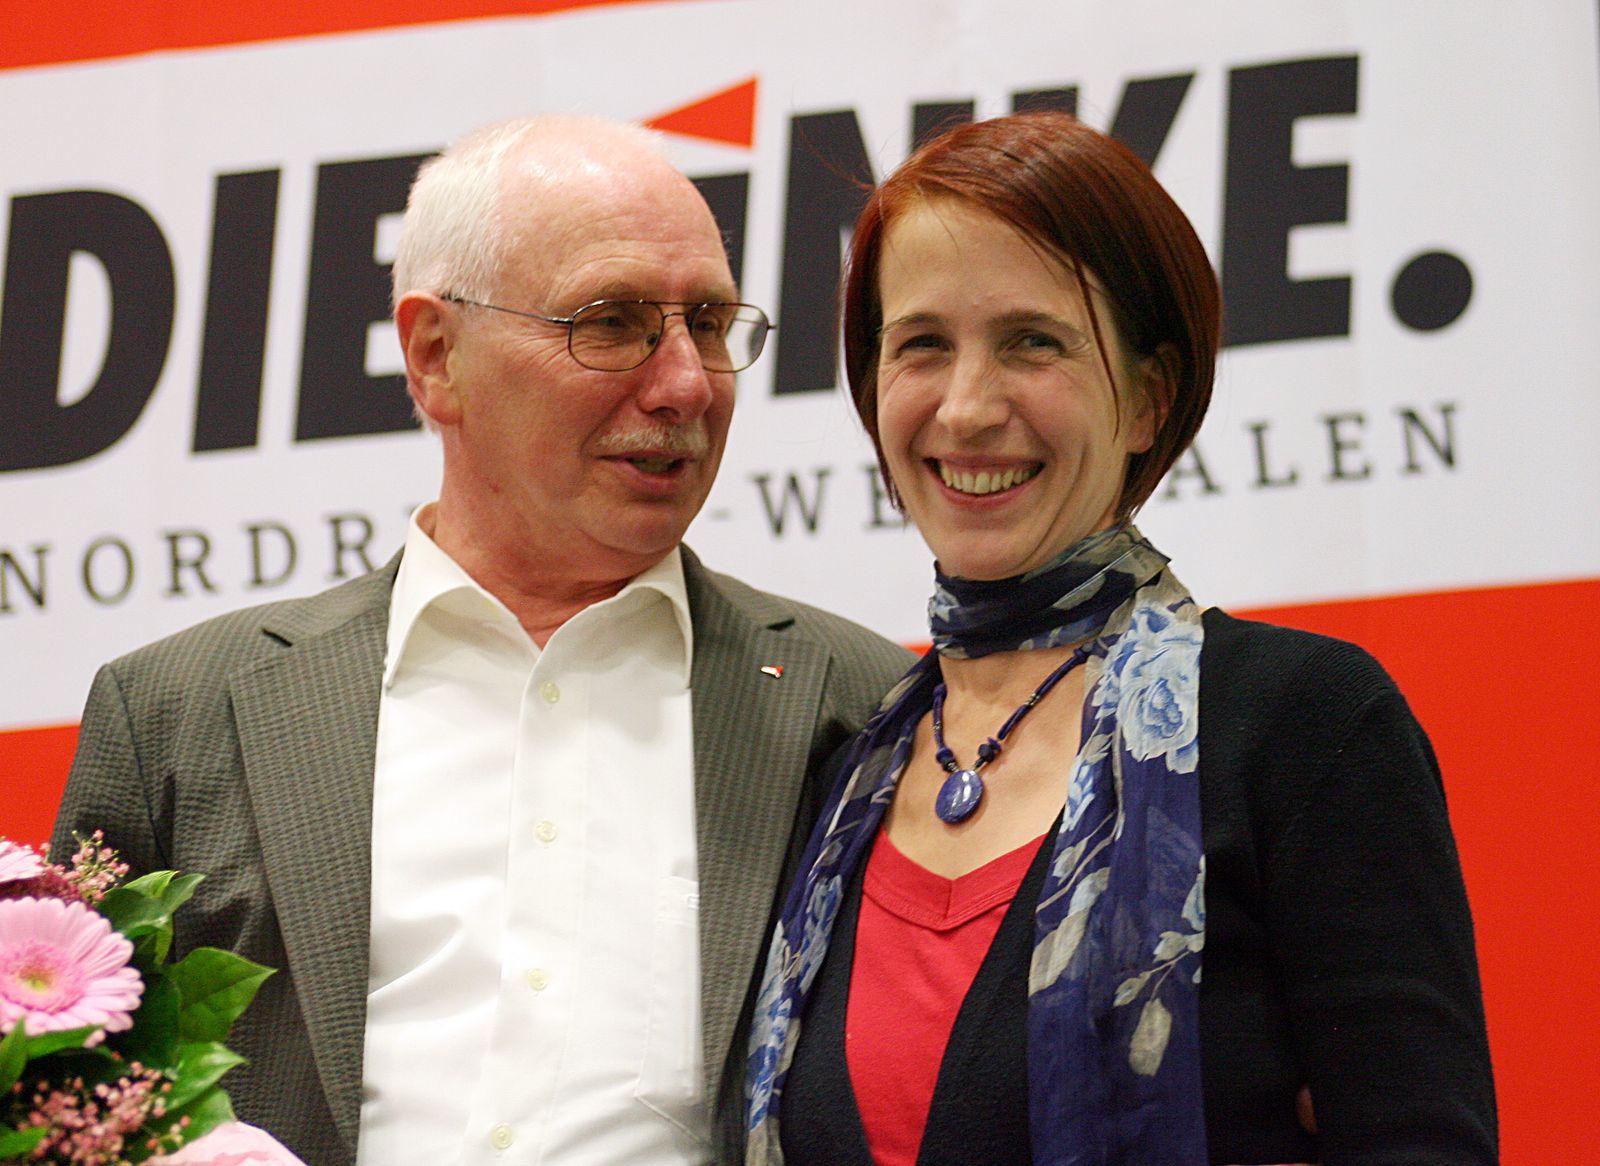 Die Linke / NRW / Schwabedissen / Zimmermann